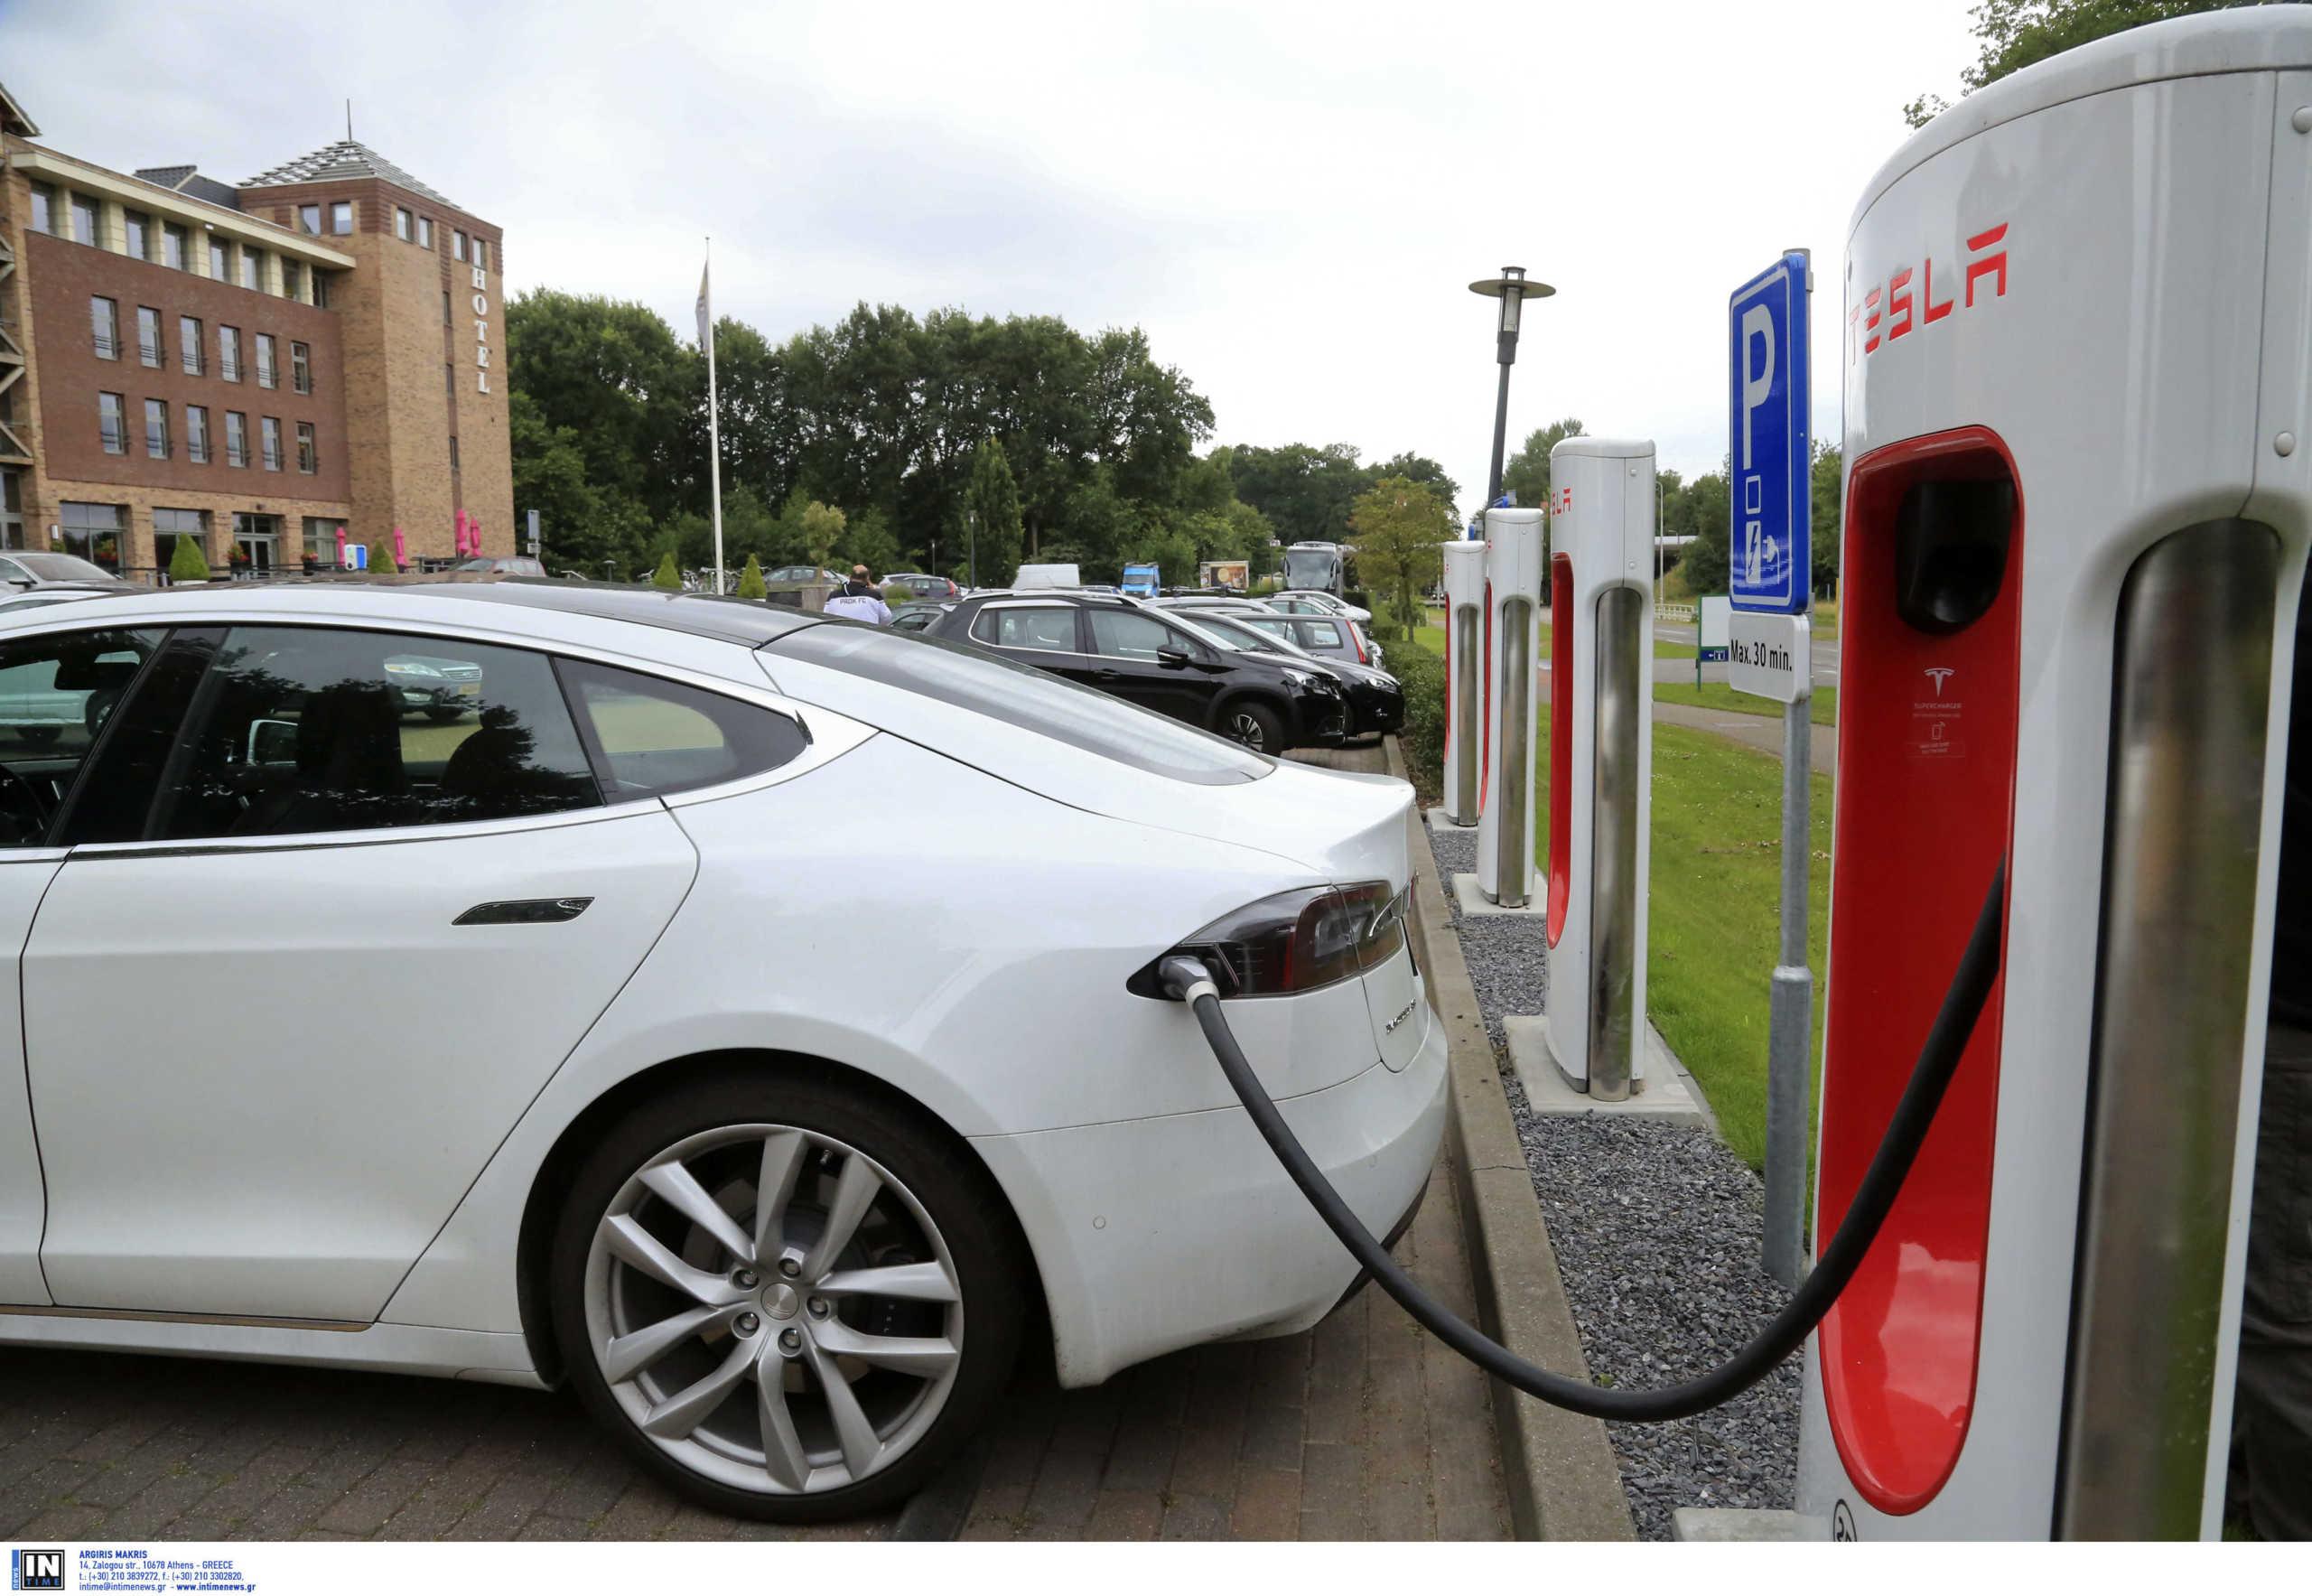 Ηλεκτρικά αυτοκίνητα: Ανοίγει η πλατφόρμα για τις αγορές – Οι επιδοτήσεις